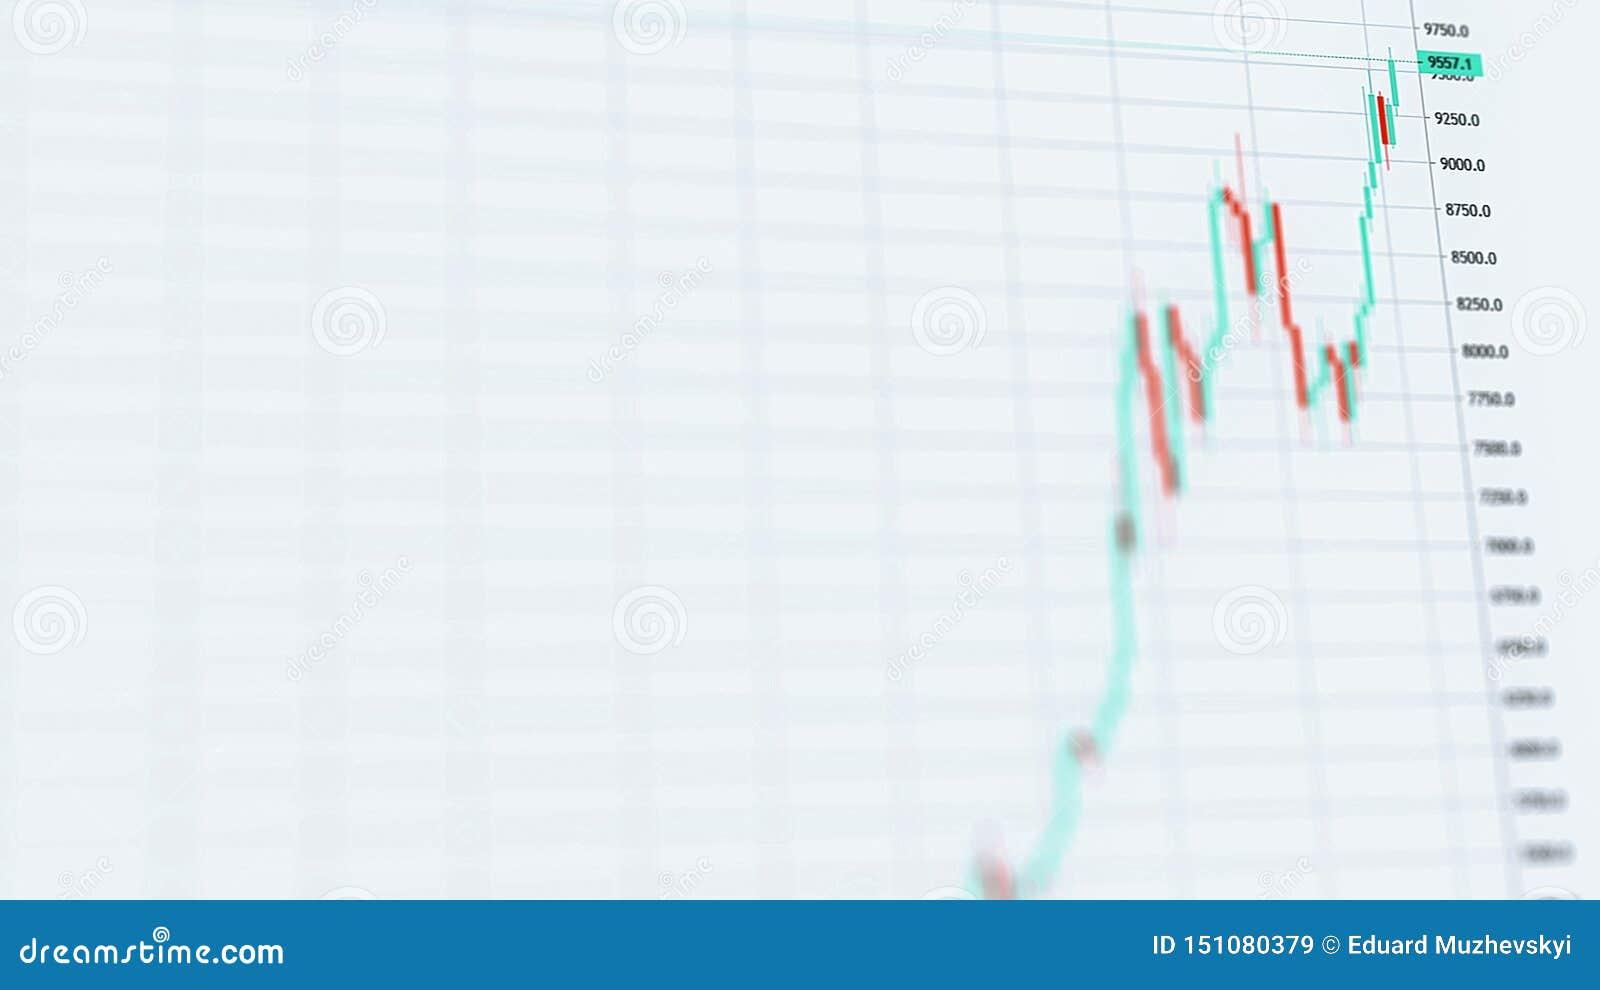 Elevação cripto do preço dos bens de Bitcoin a 9000 dólares em um uptrend com tendência para a alta